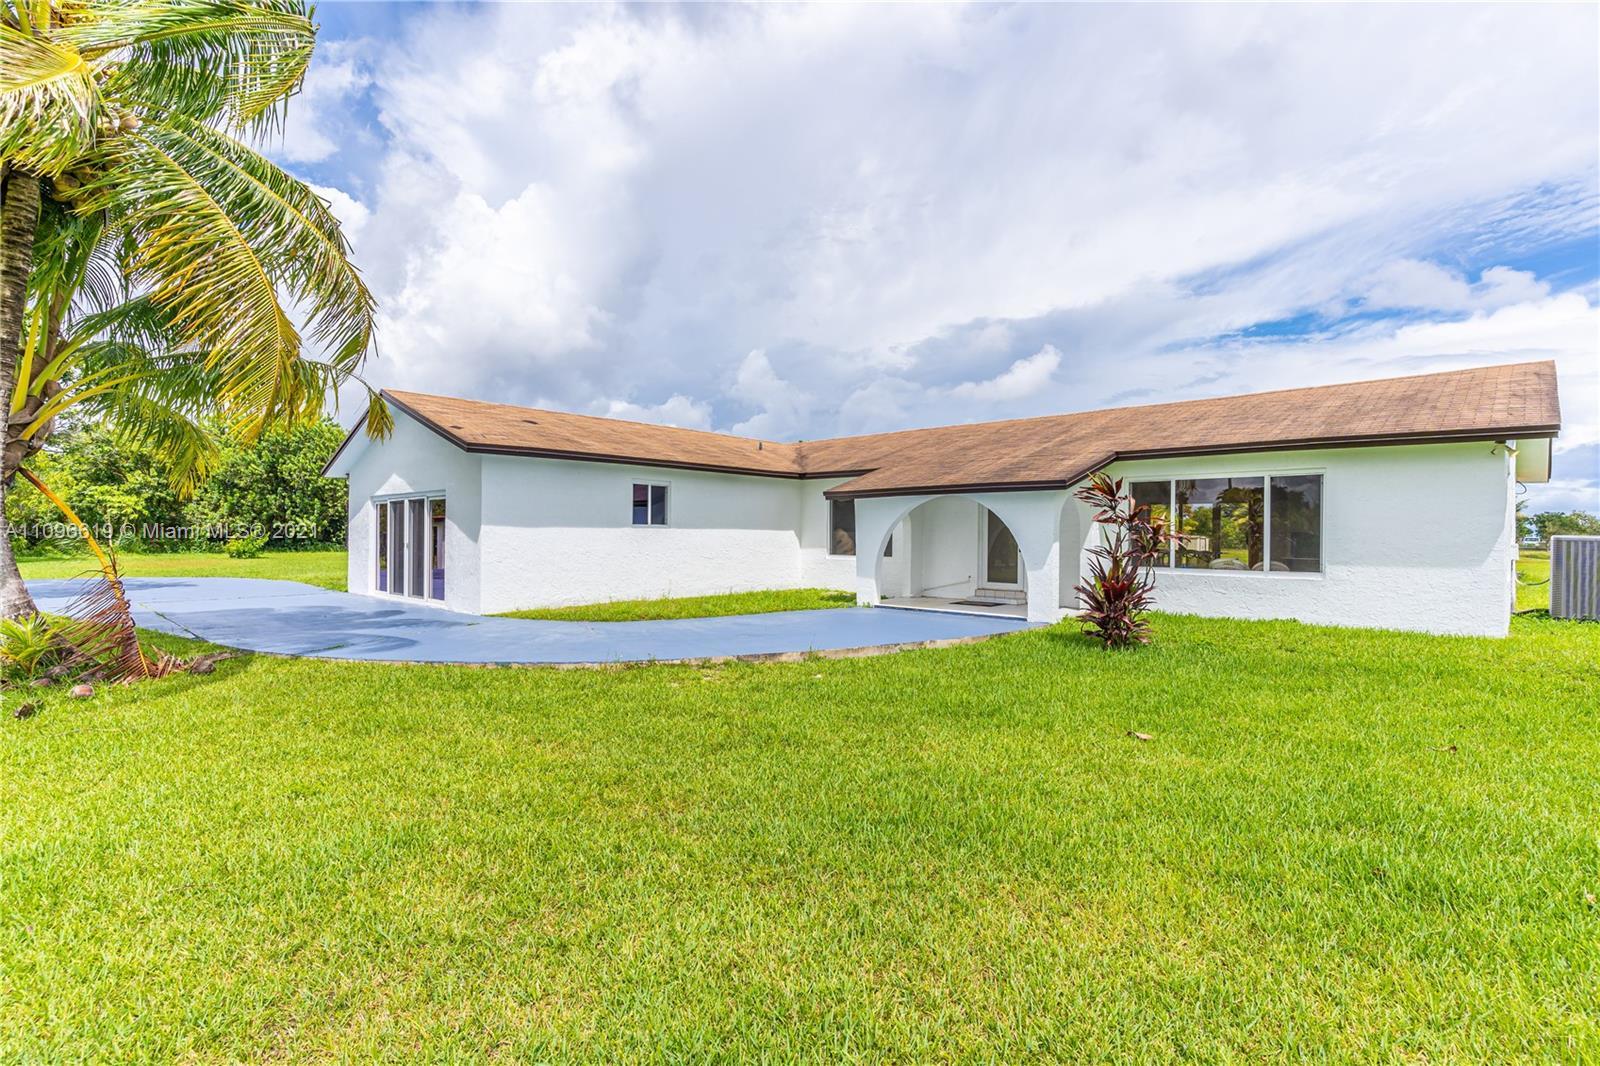 13201 197th Ave, Miami, Florida 33196